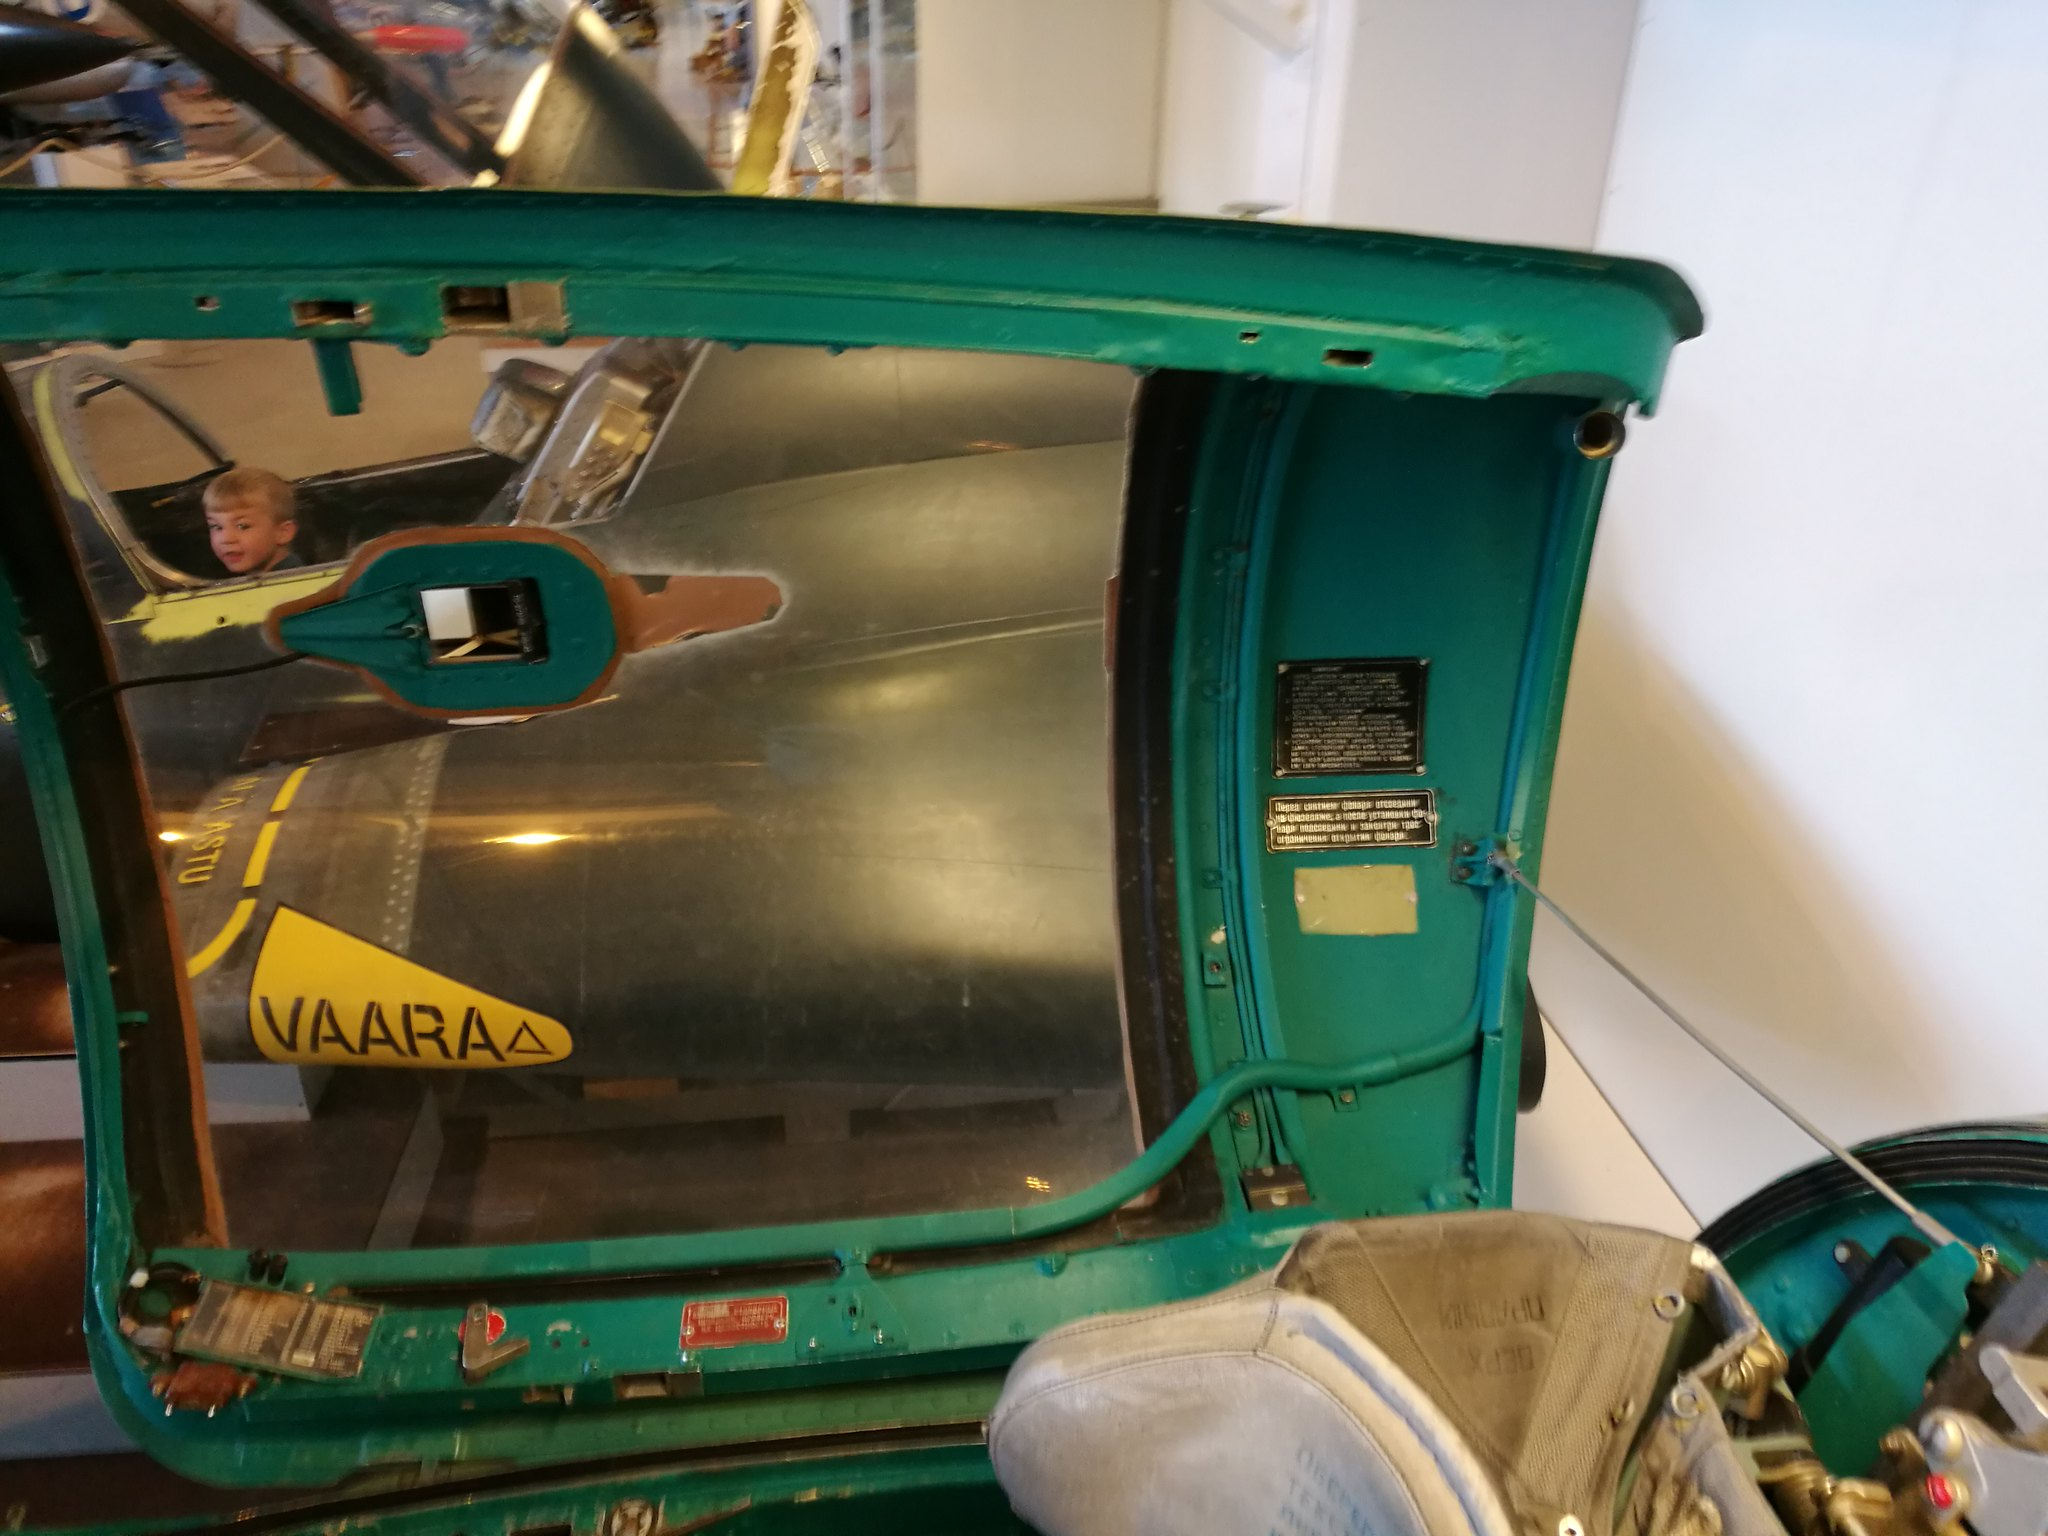 Hemkommen från semester i Finland med utflykt till Finlands Flygvapenmuseum. 48287369511_49ef407d9c_k